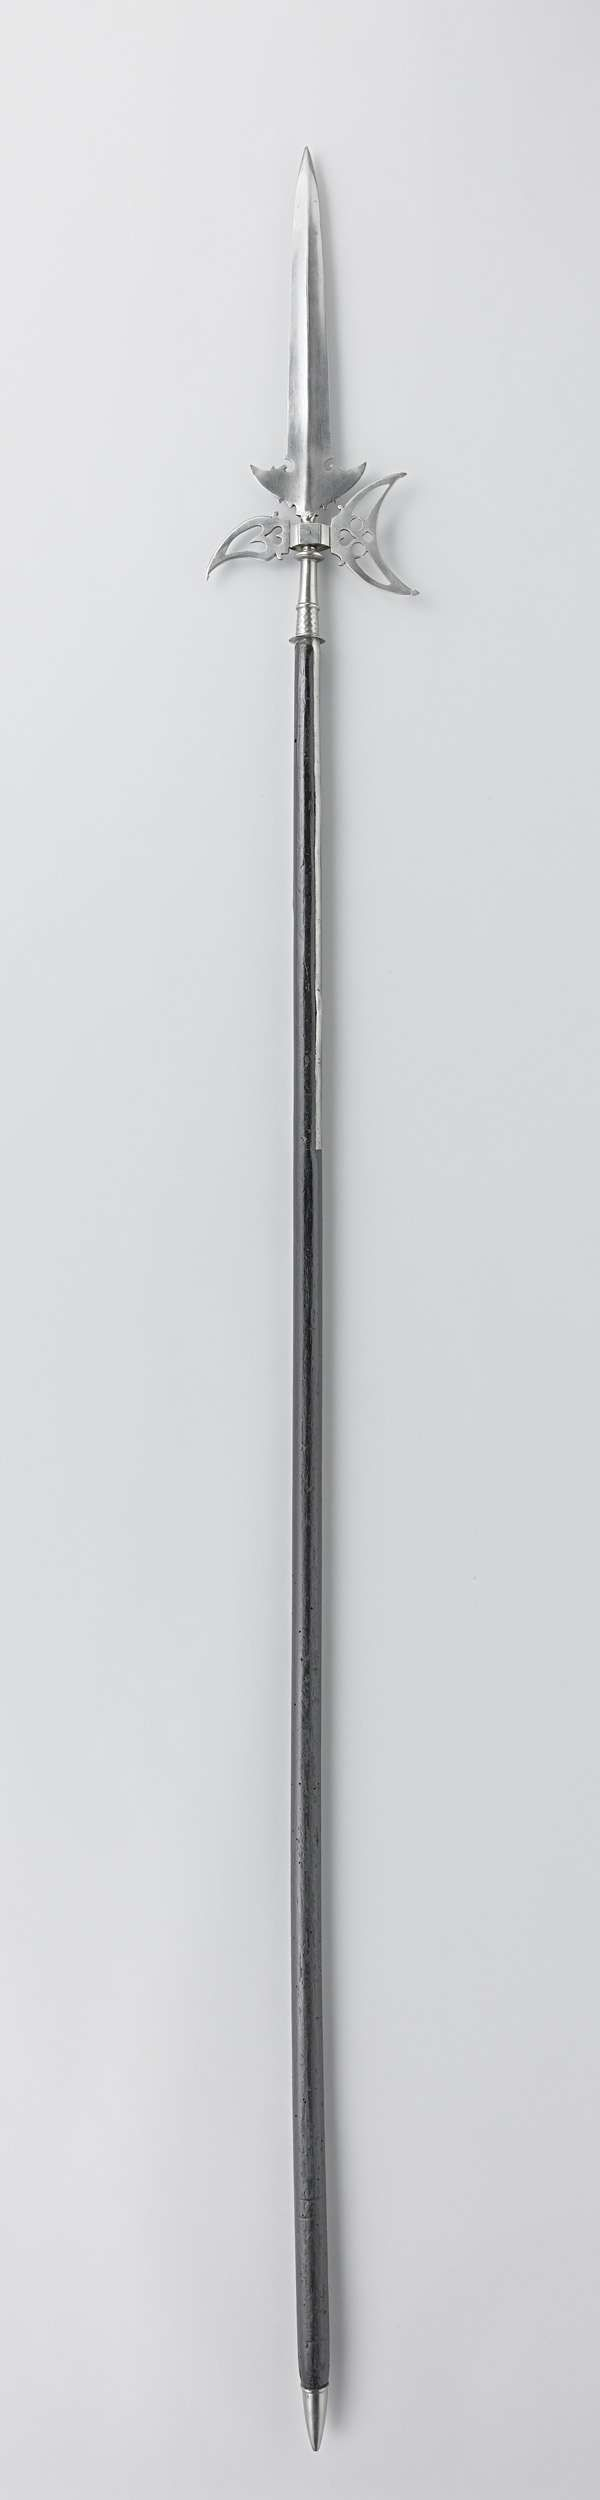 | Partizaan, c. 1600 - c. 1699 | Partizaan met gekartelde vleugels. Opengewerkte bijl met hart-vormige uitsparingen. Glad, zeshoekig middenstuk. Gladde schacht met ringornament. Twee lippen (51.0 cm). Aan het uiteinde van de stok een gladde, ijzeren punt. (7.0 cm)